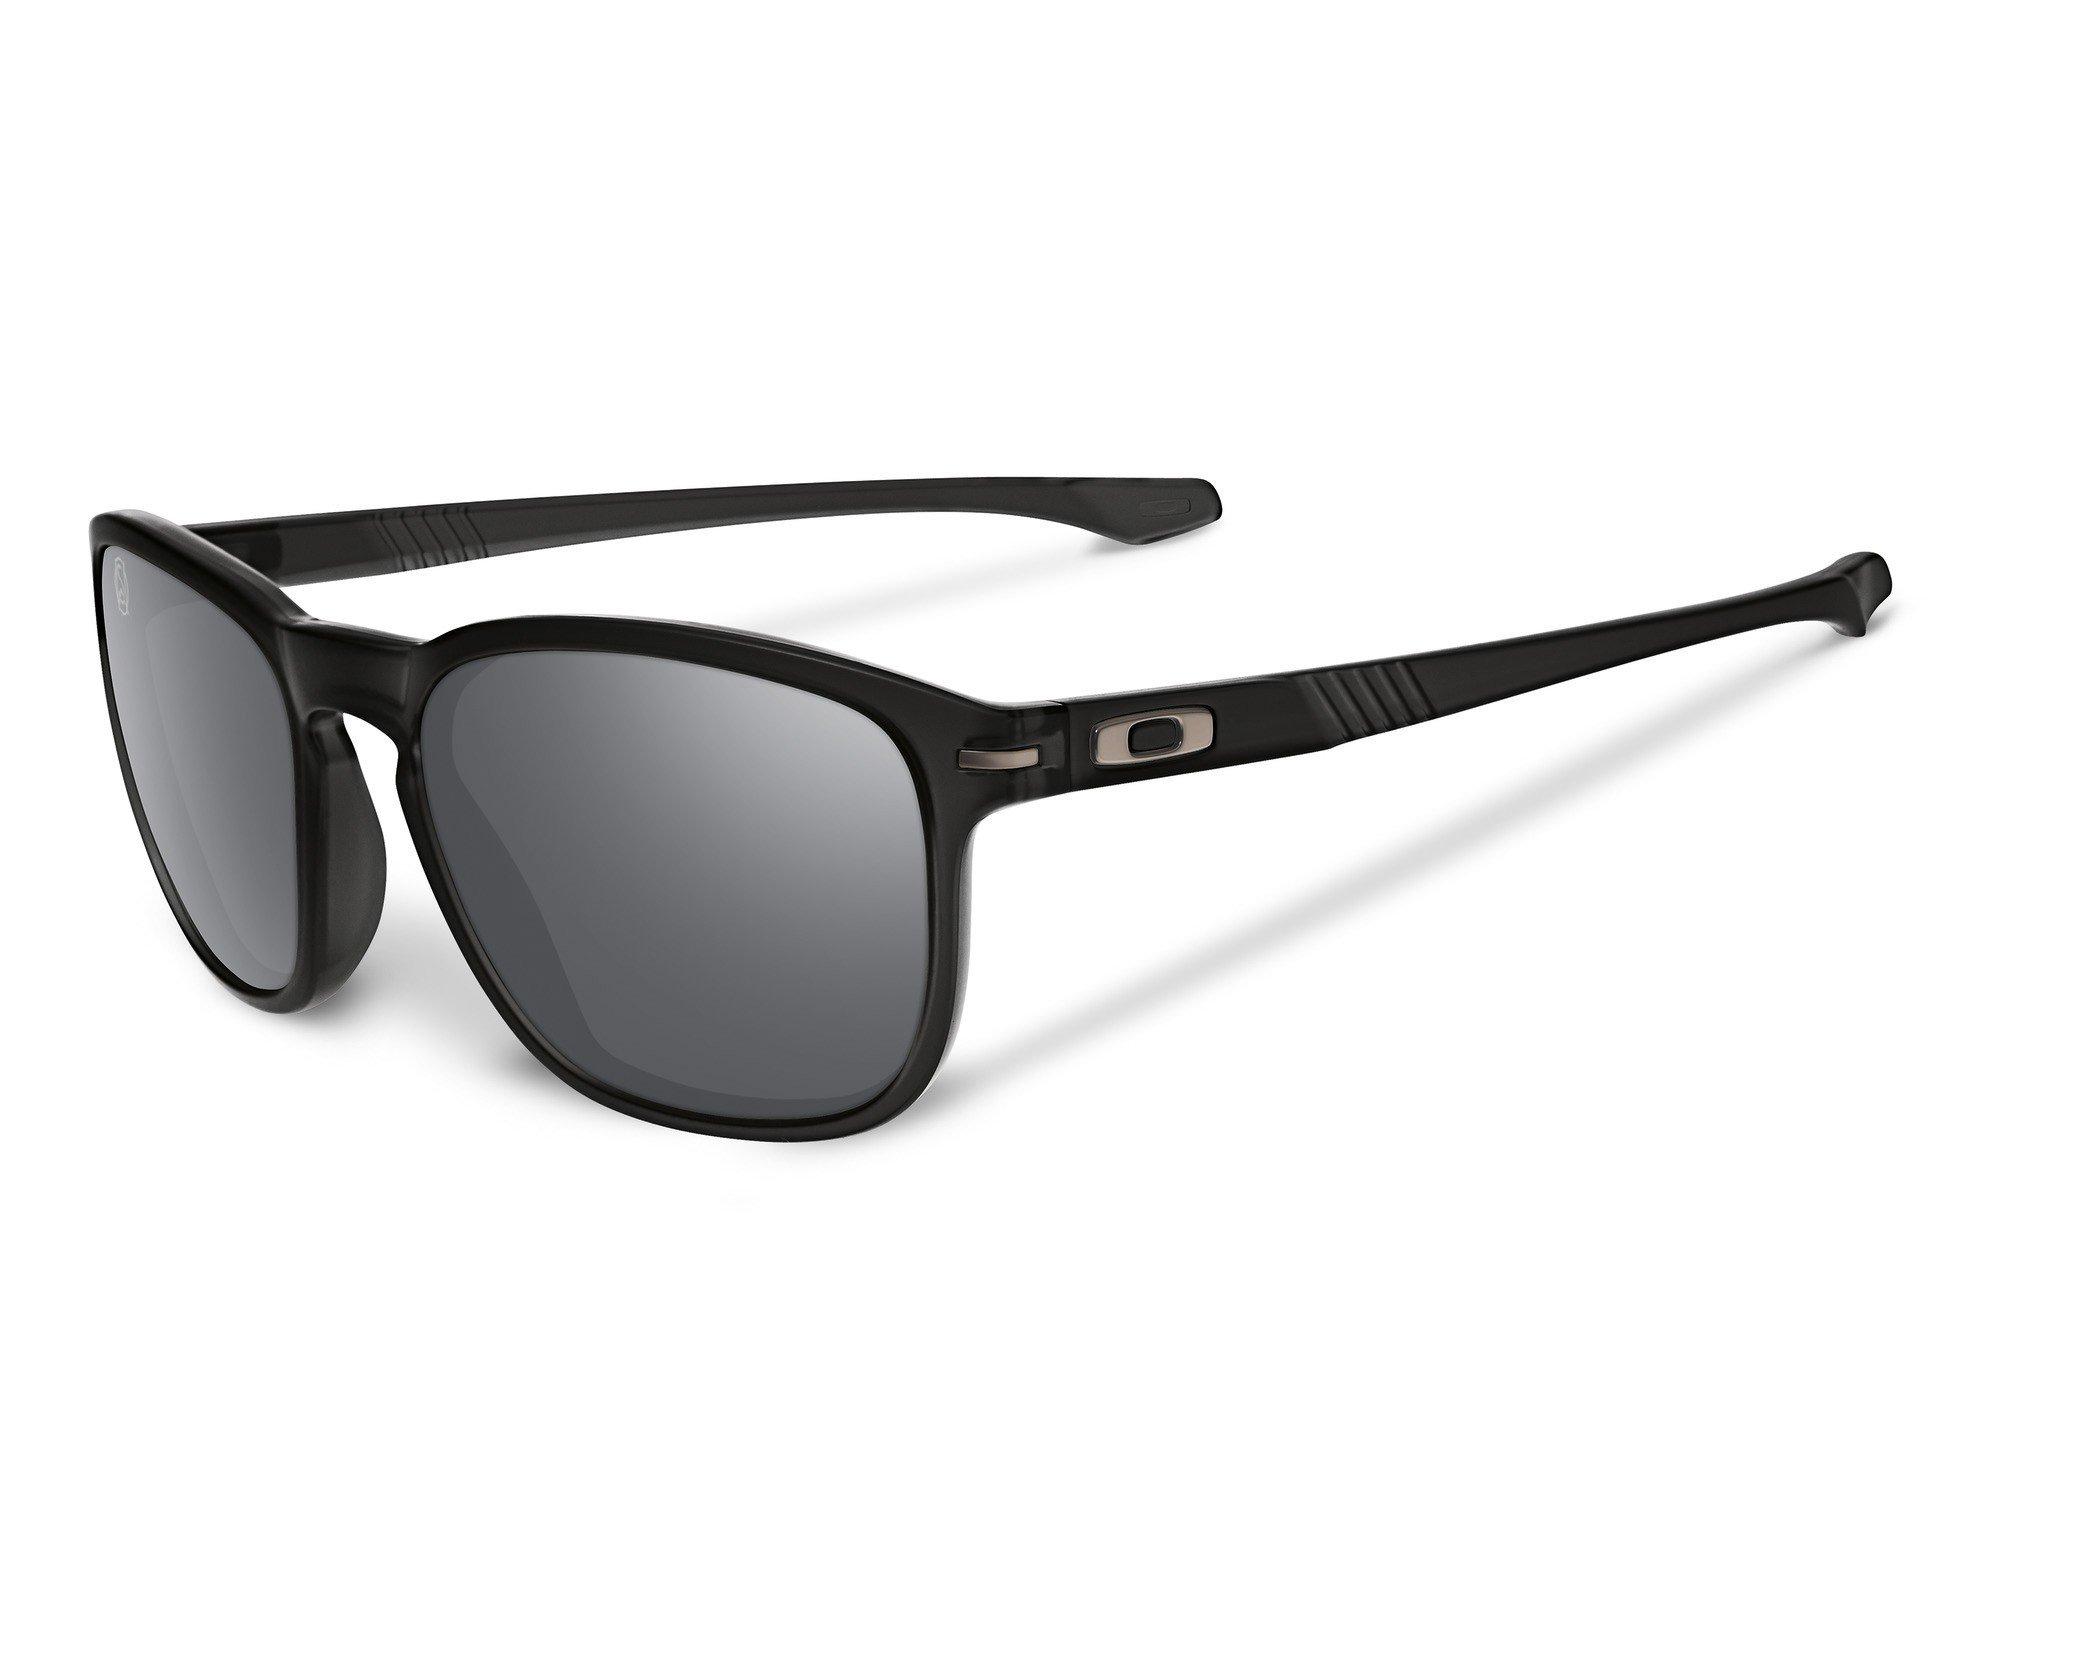 Sluneční brýle Oakley Enduro černé